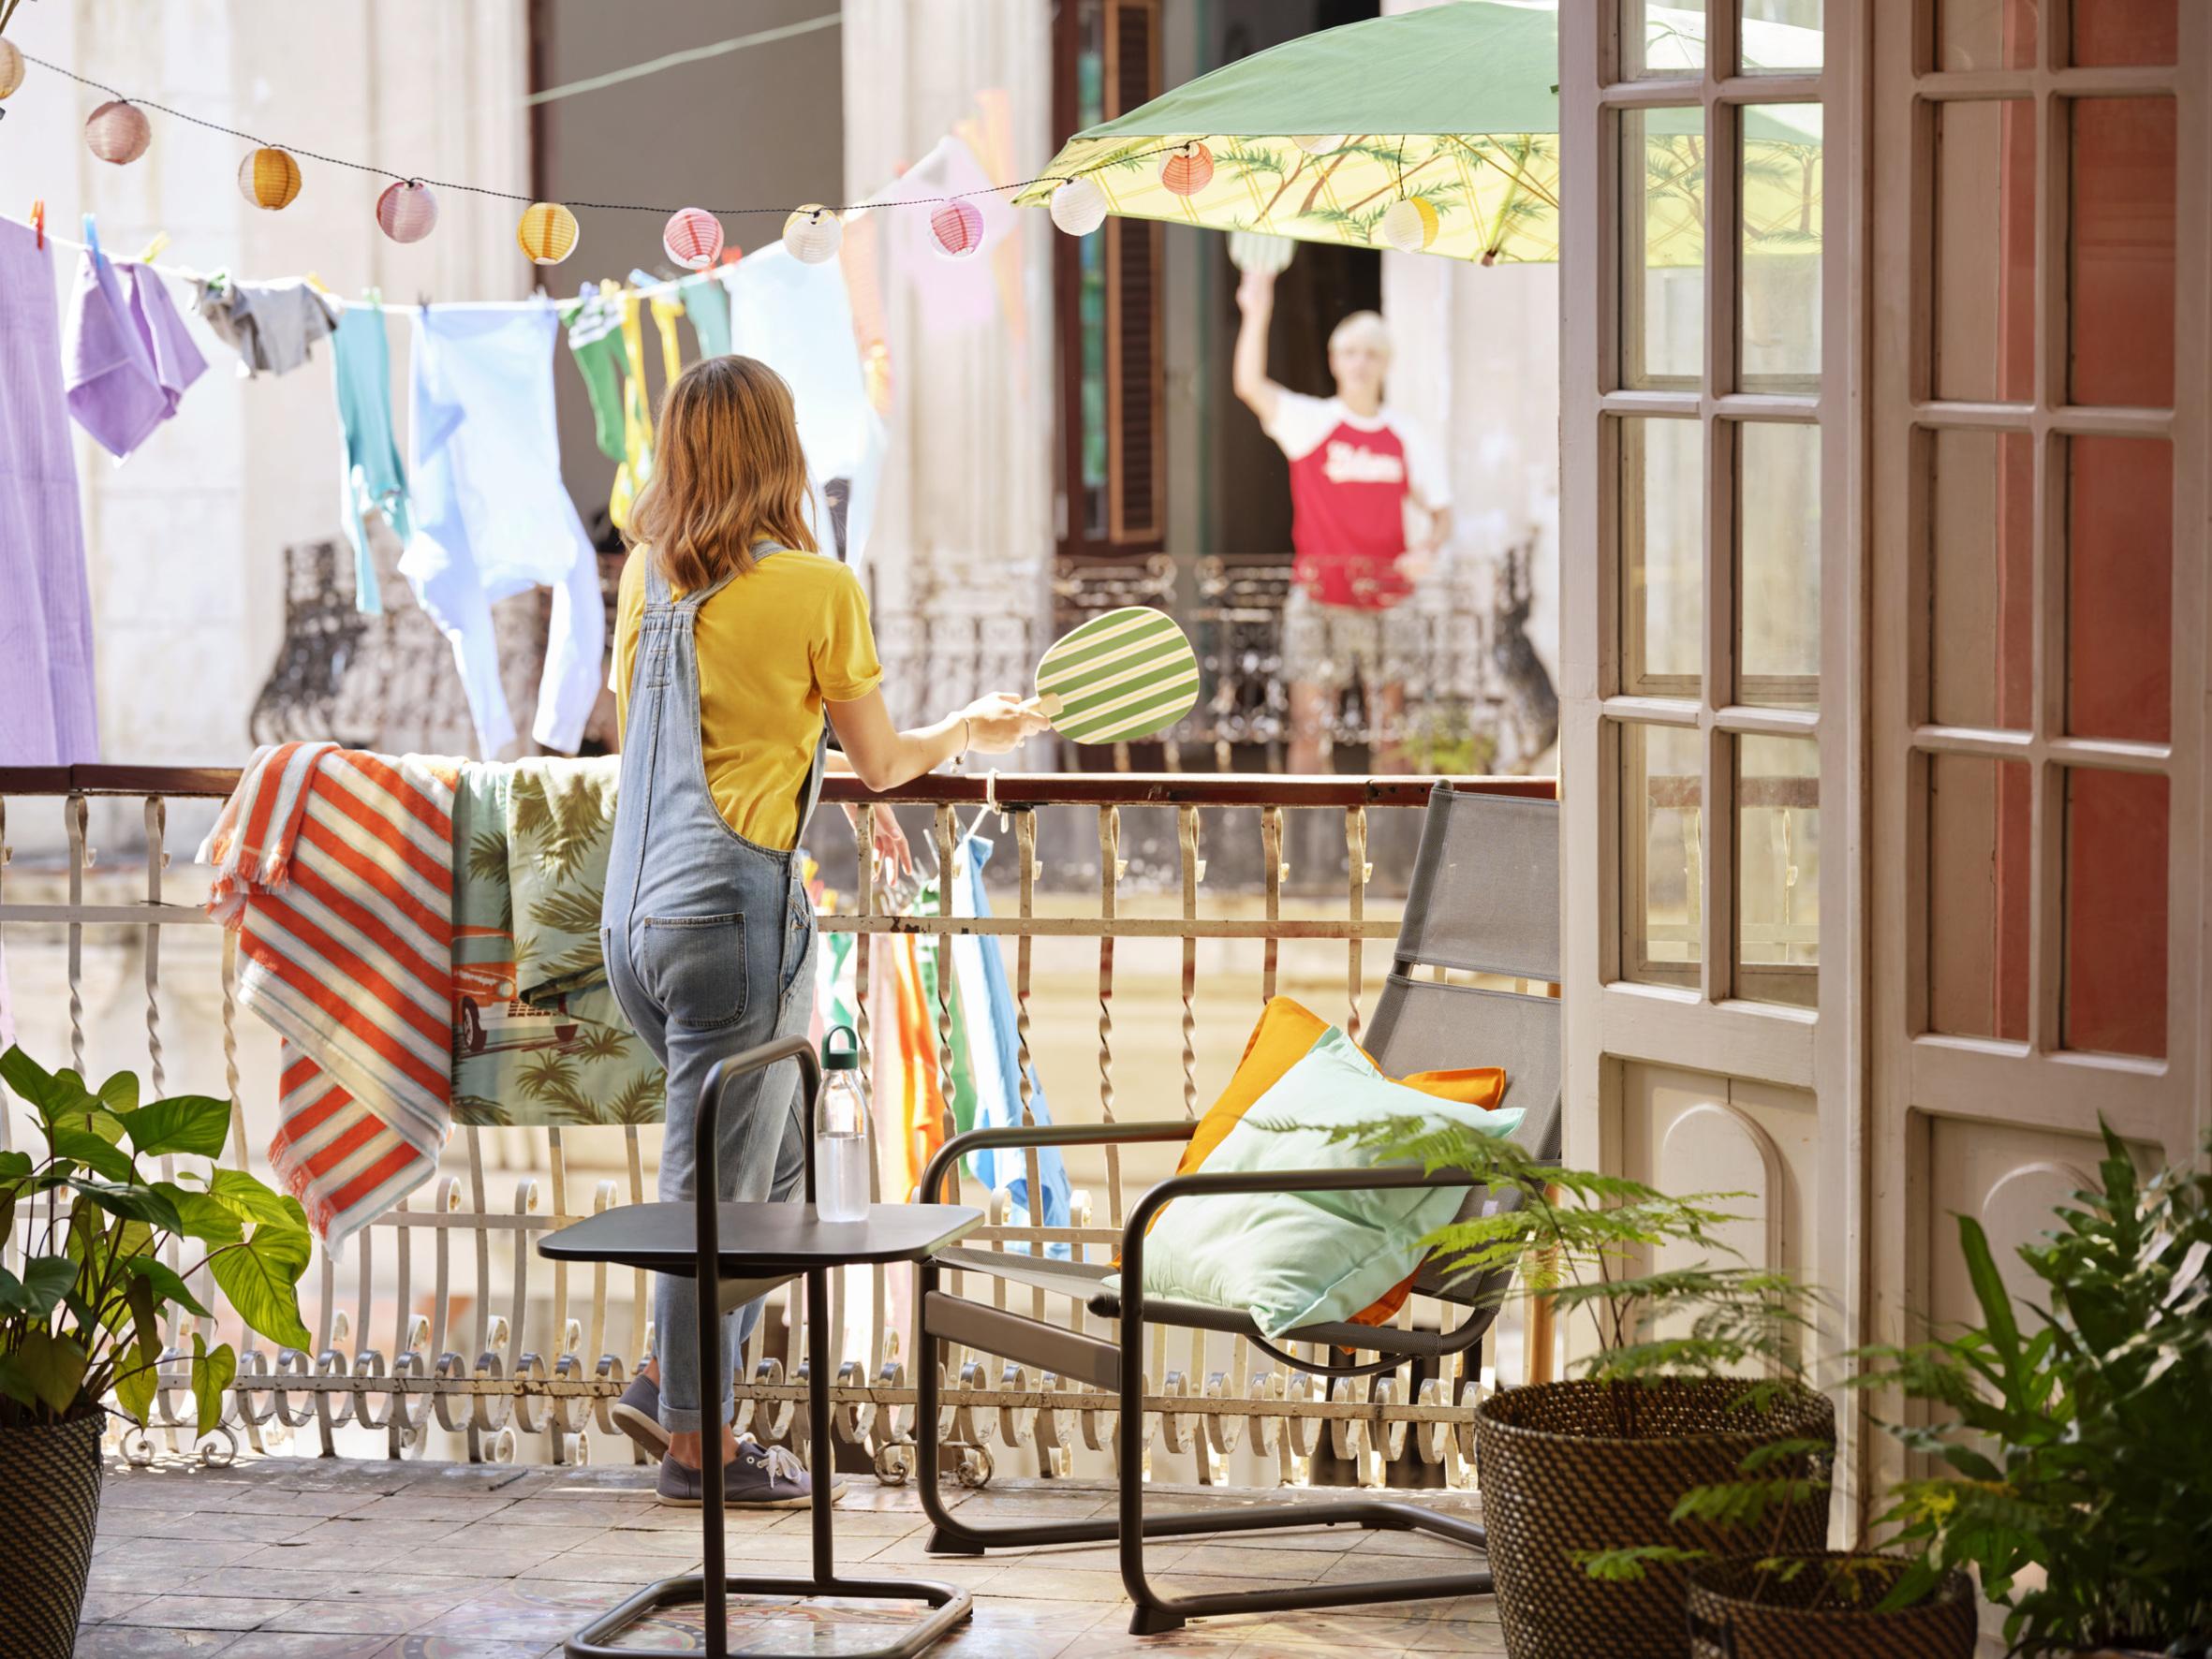 Full Size of Ikea Liegestuhl Aktuellen Austria Pressroom Garten Miniküche Sofa Mit Schlaffunktion Küche Kaufen Betten 160x200 Kosten Modulküche Bei Wohnzimmer Ikea Liegestuhl